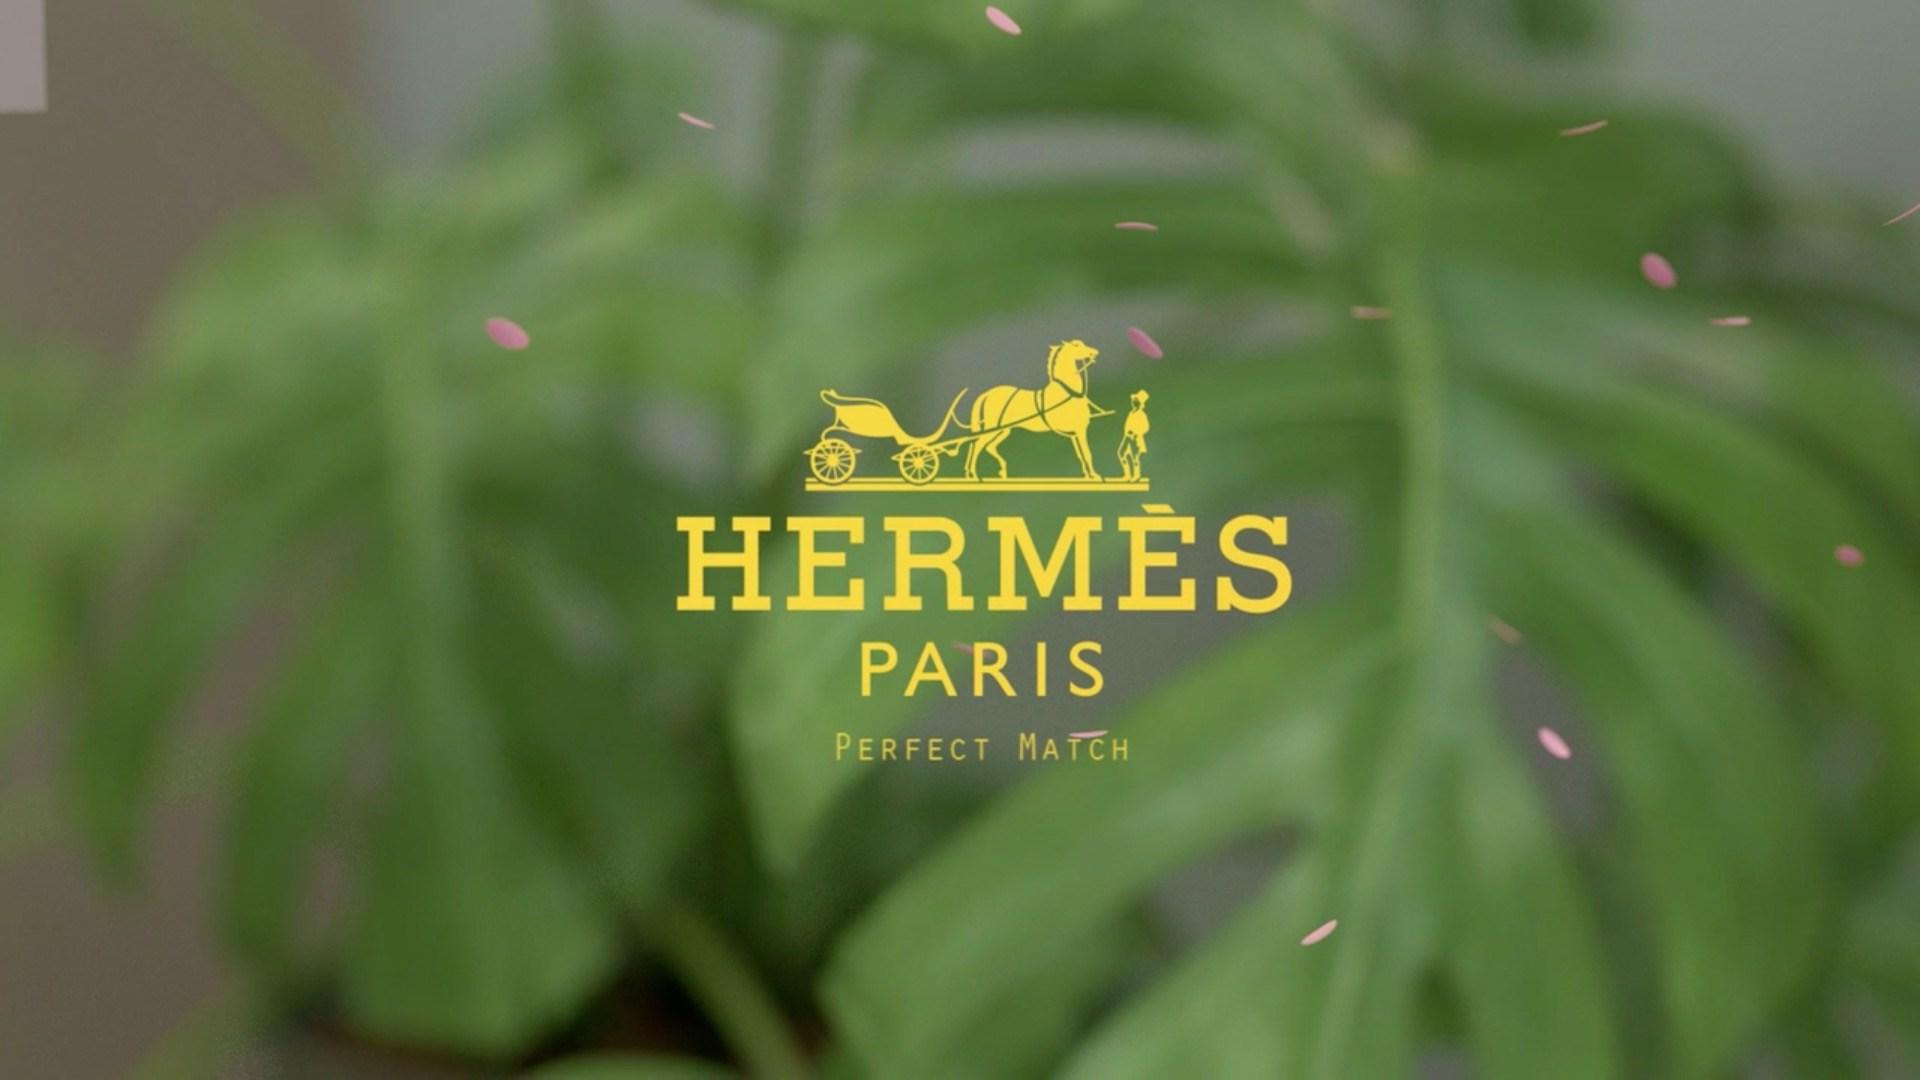 Hermes 中国 China